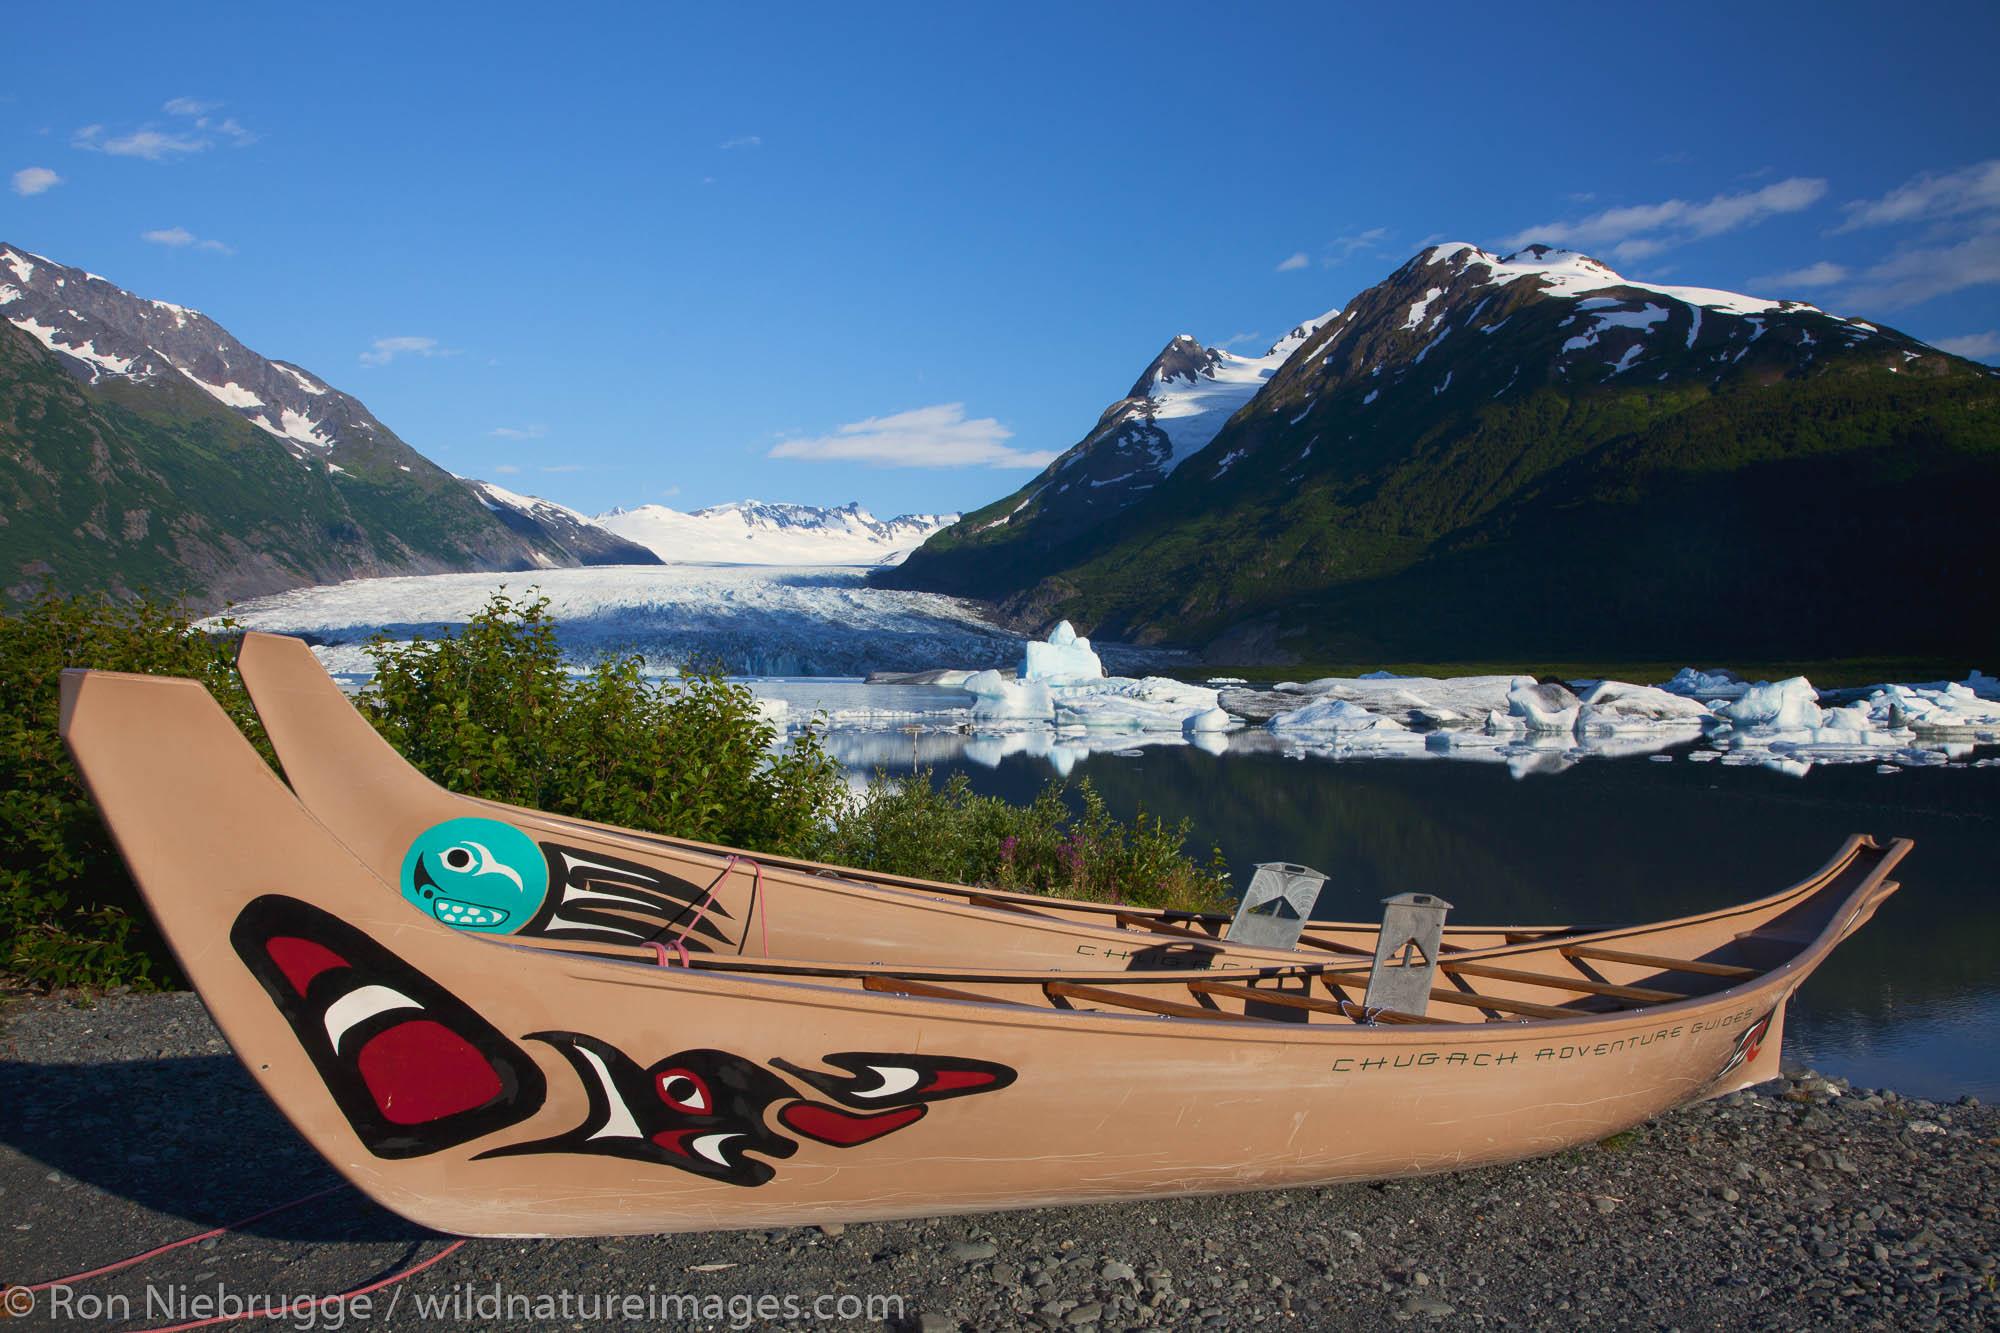 Canoes at Spencer Glacier, Chugach National Forest, Alaska.